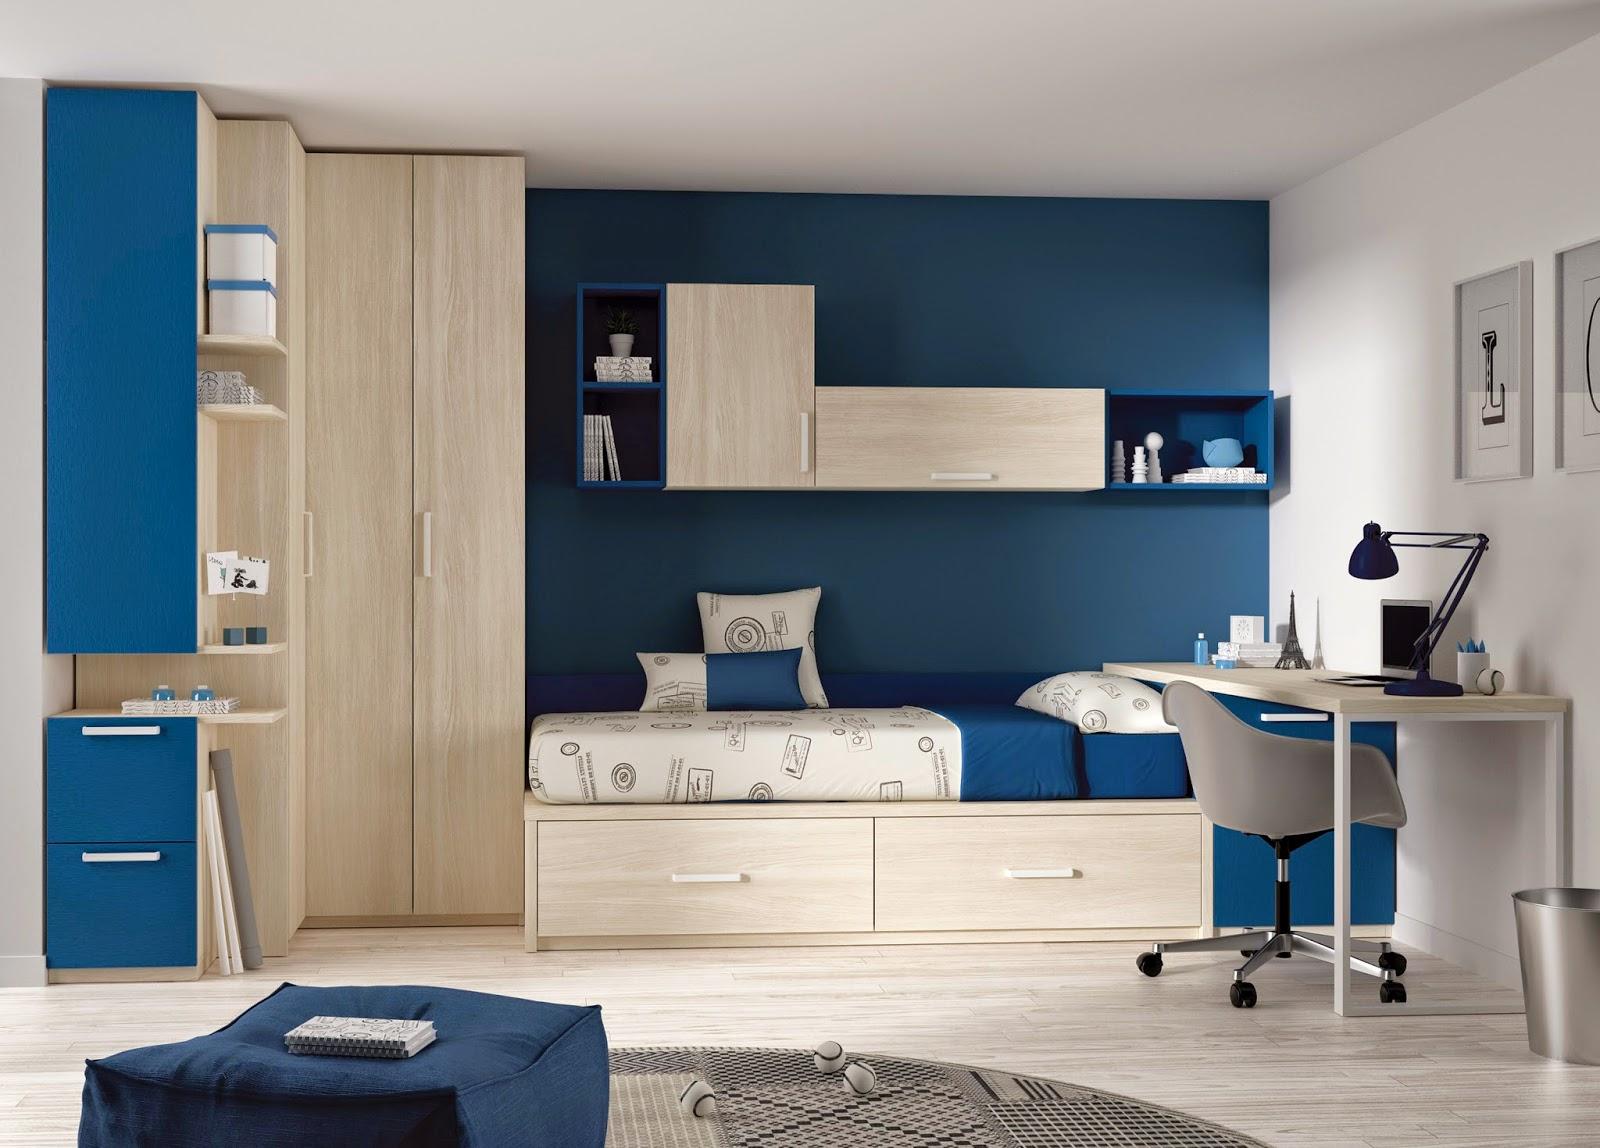 Muebles ros camas compactas las reinas de la habitaci n for Habitaciones compactas